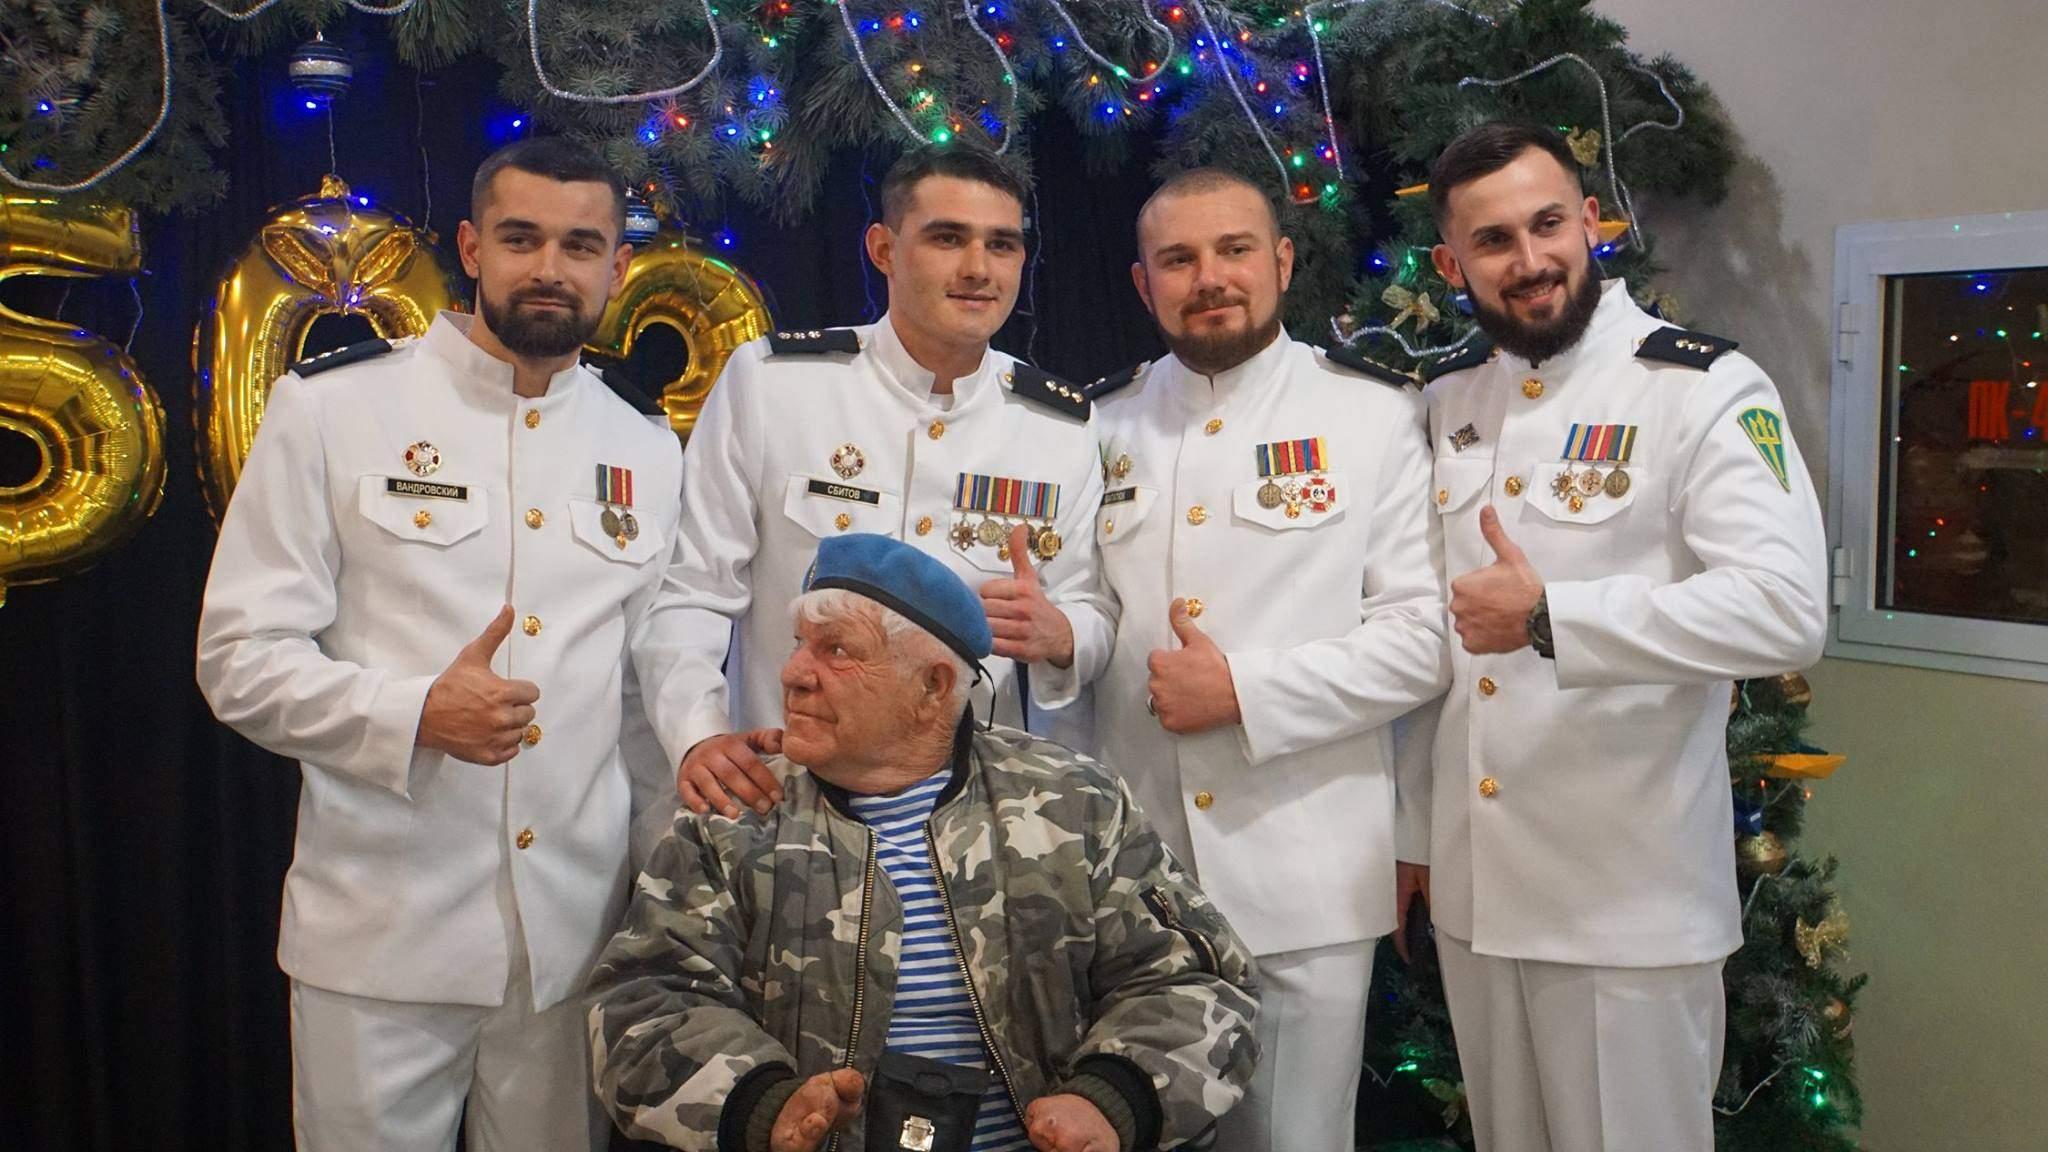 Богдан Пржегалінский, Морська піхота України